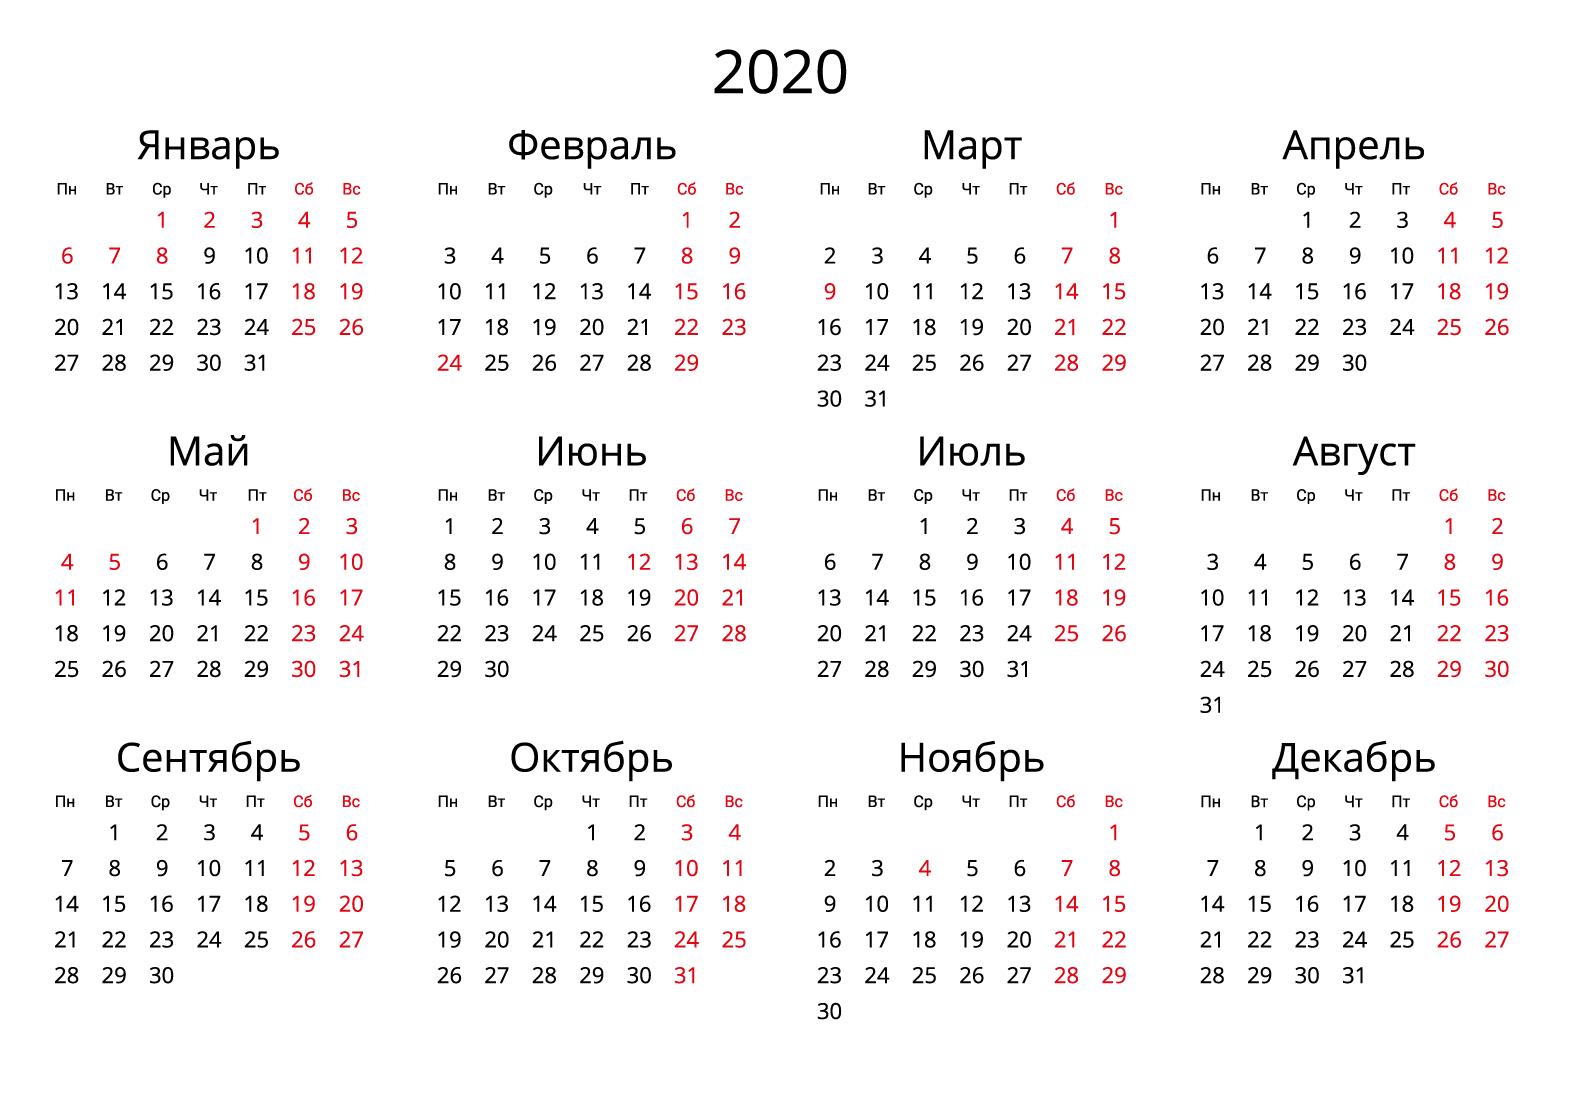 Скачать Календарь На 2020 Год В Форматах: Word, Pdf, Jpg in Kalendar Kuda 2020 Pdf